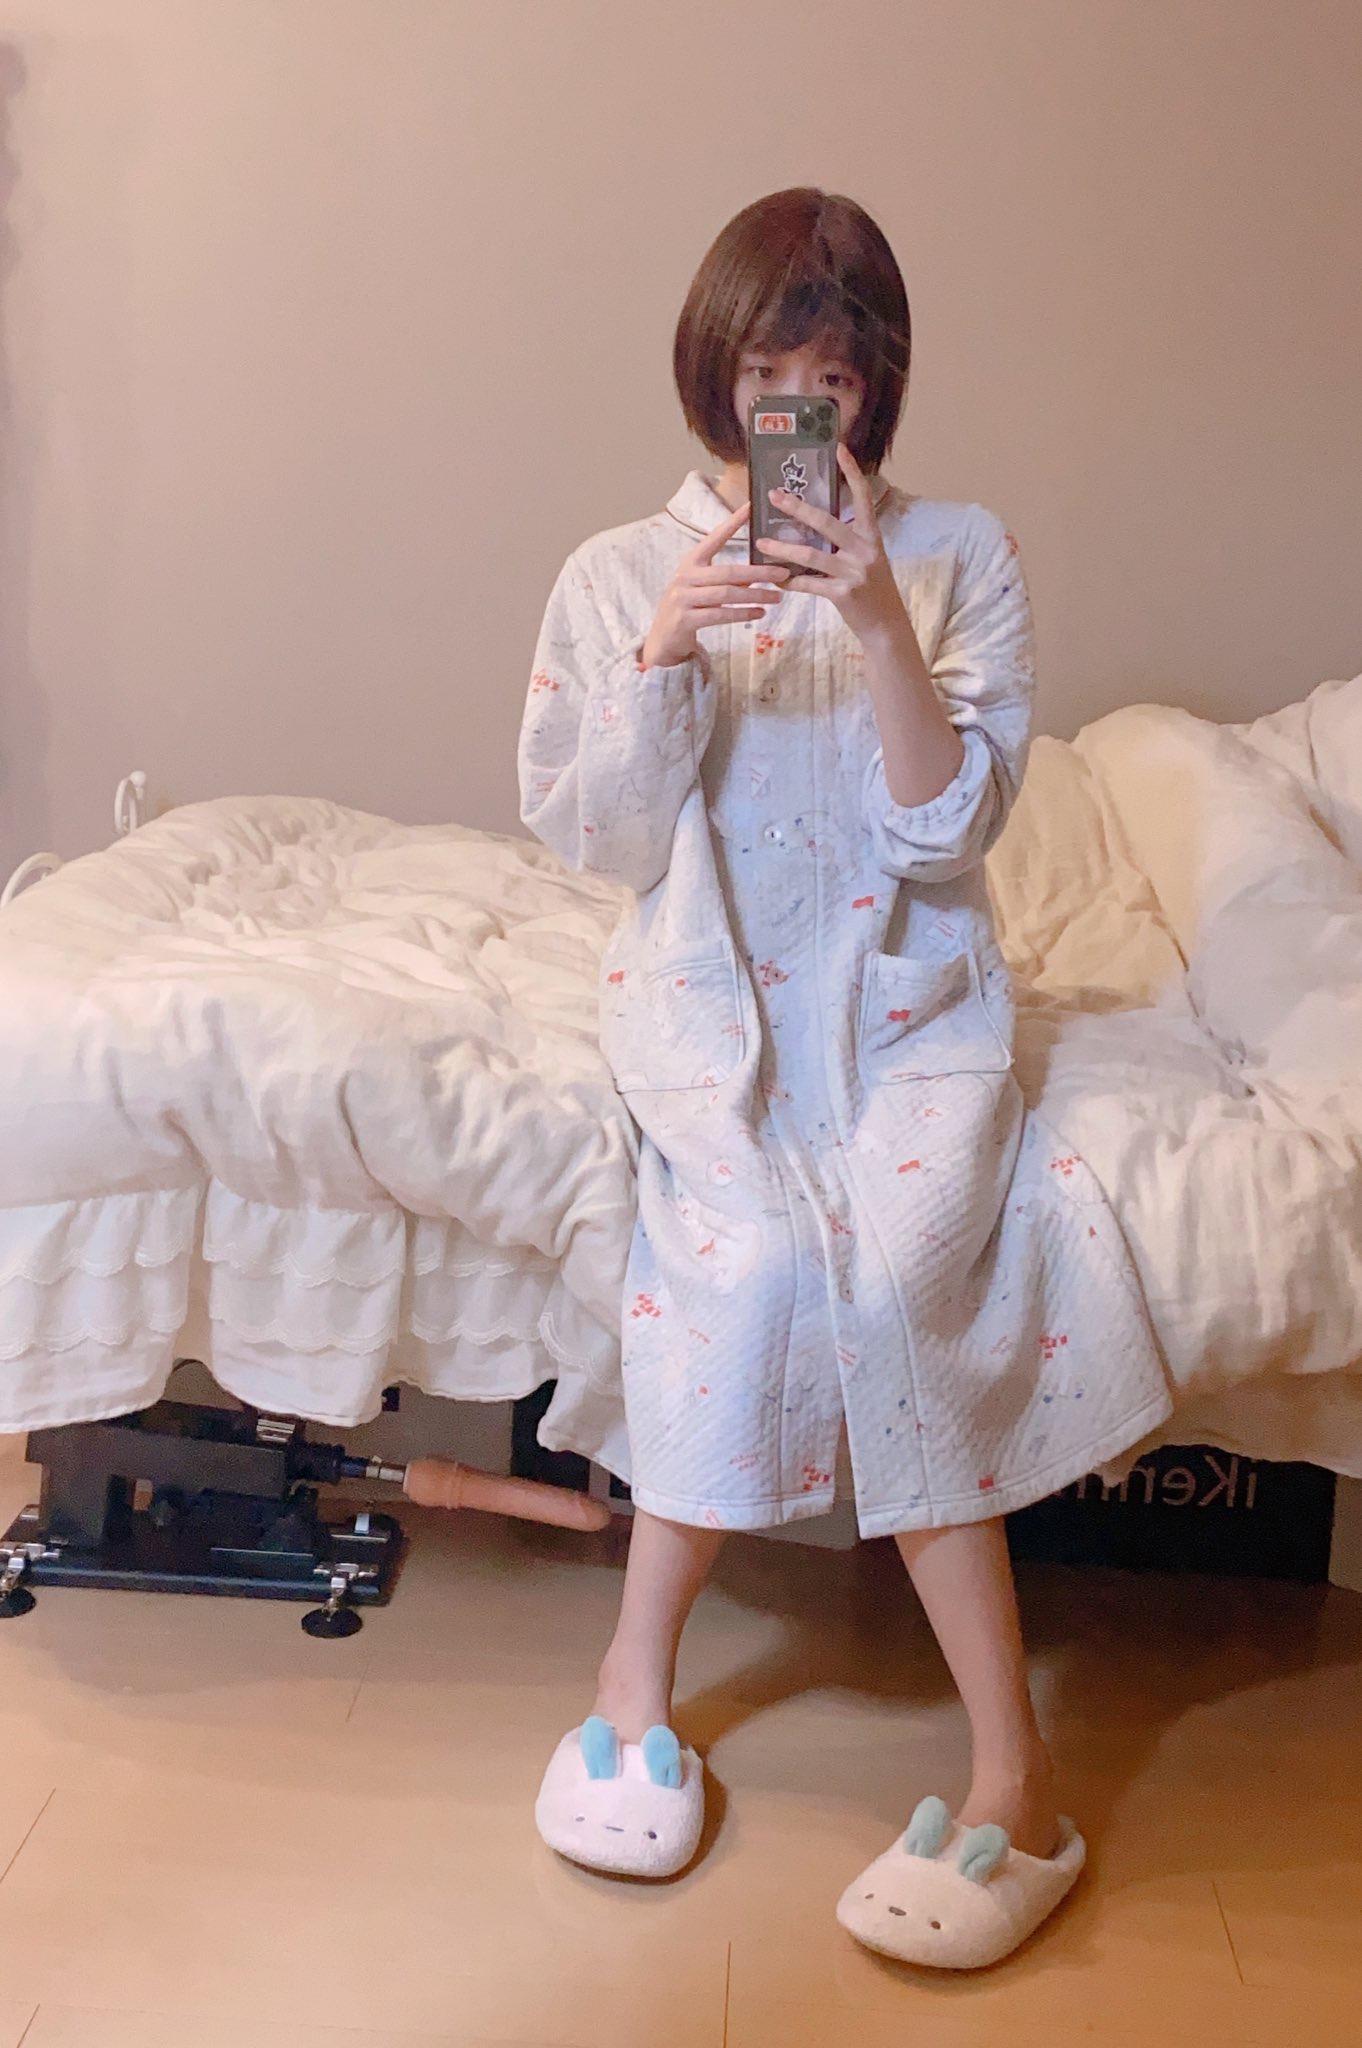 【悲報】美人まんさん うっかり鏡に映り込んでしまう